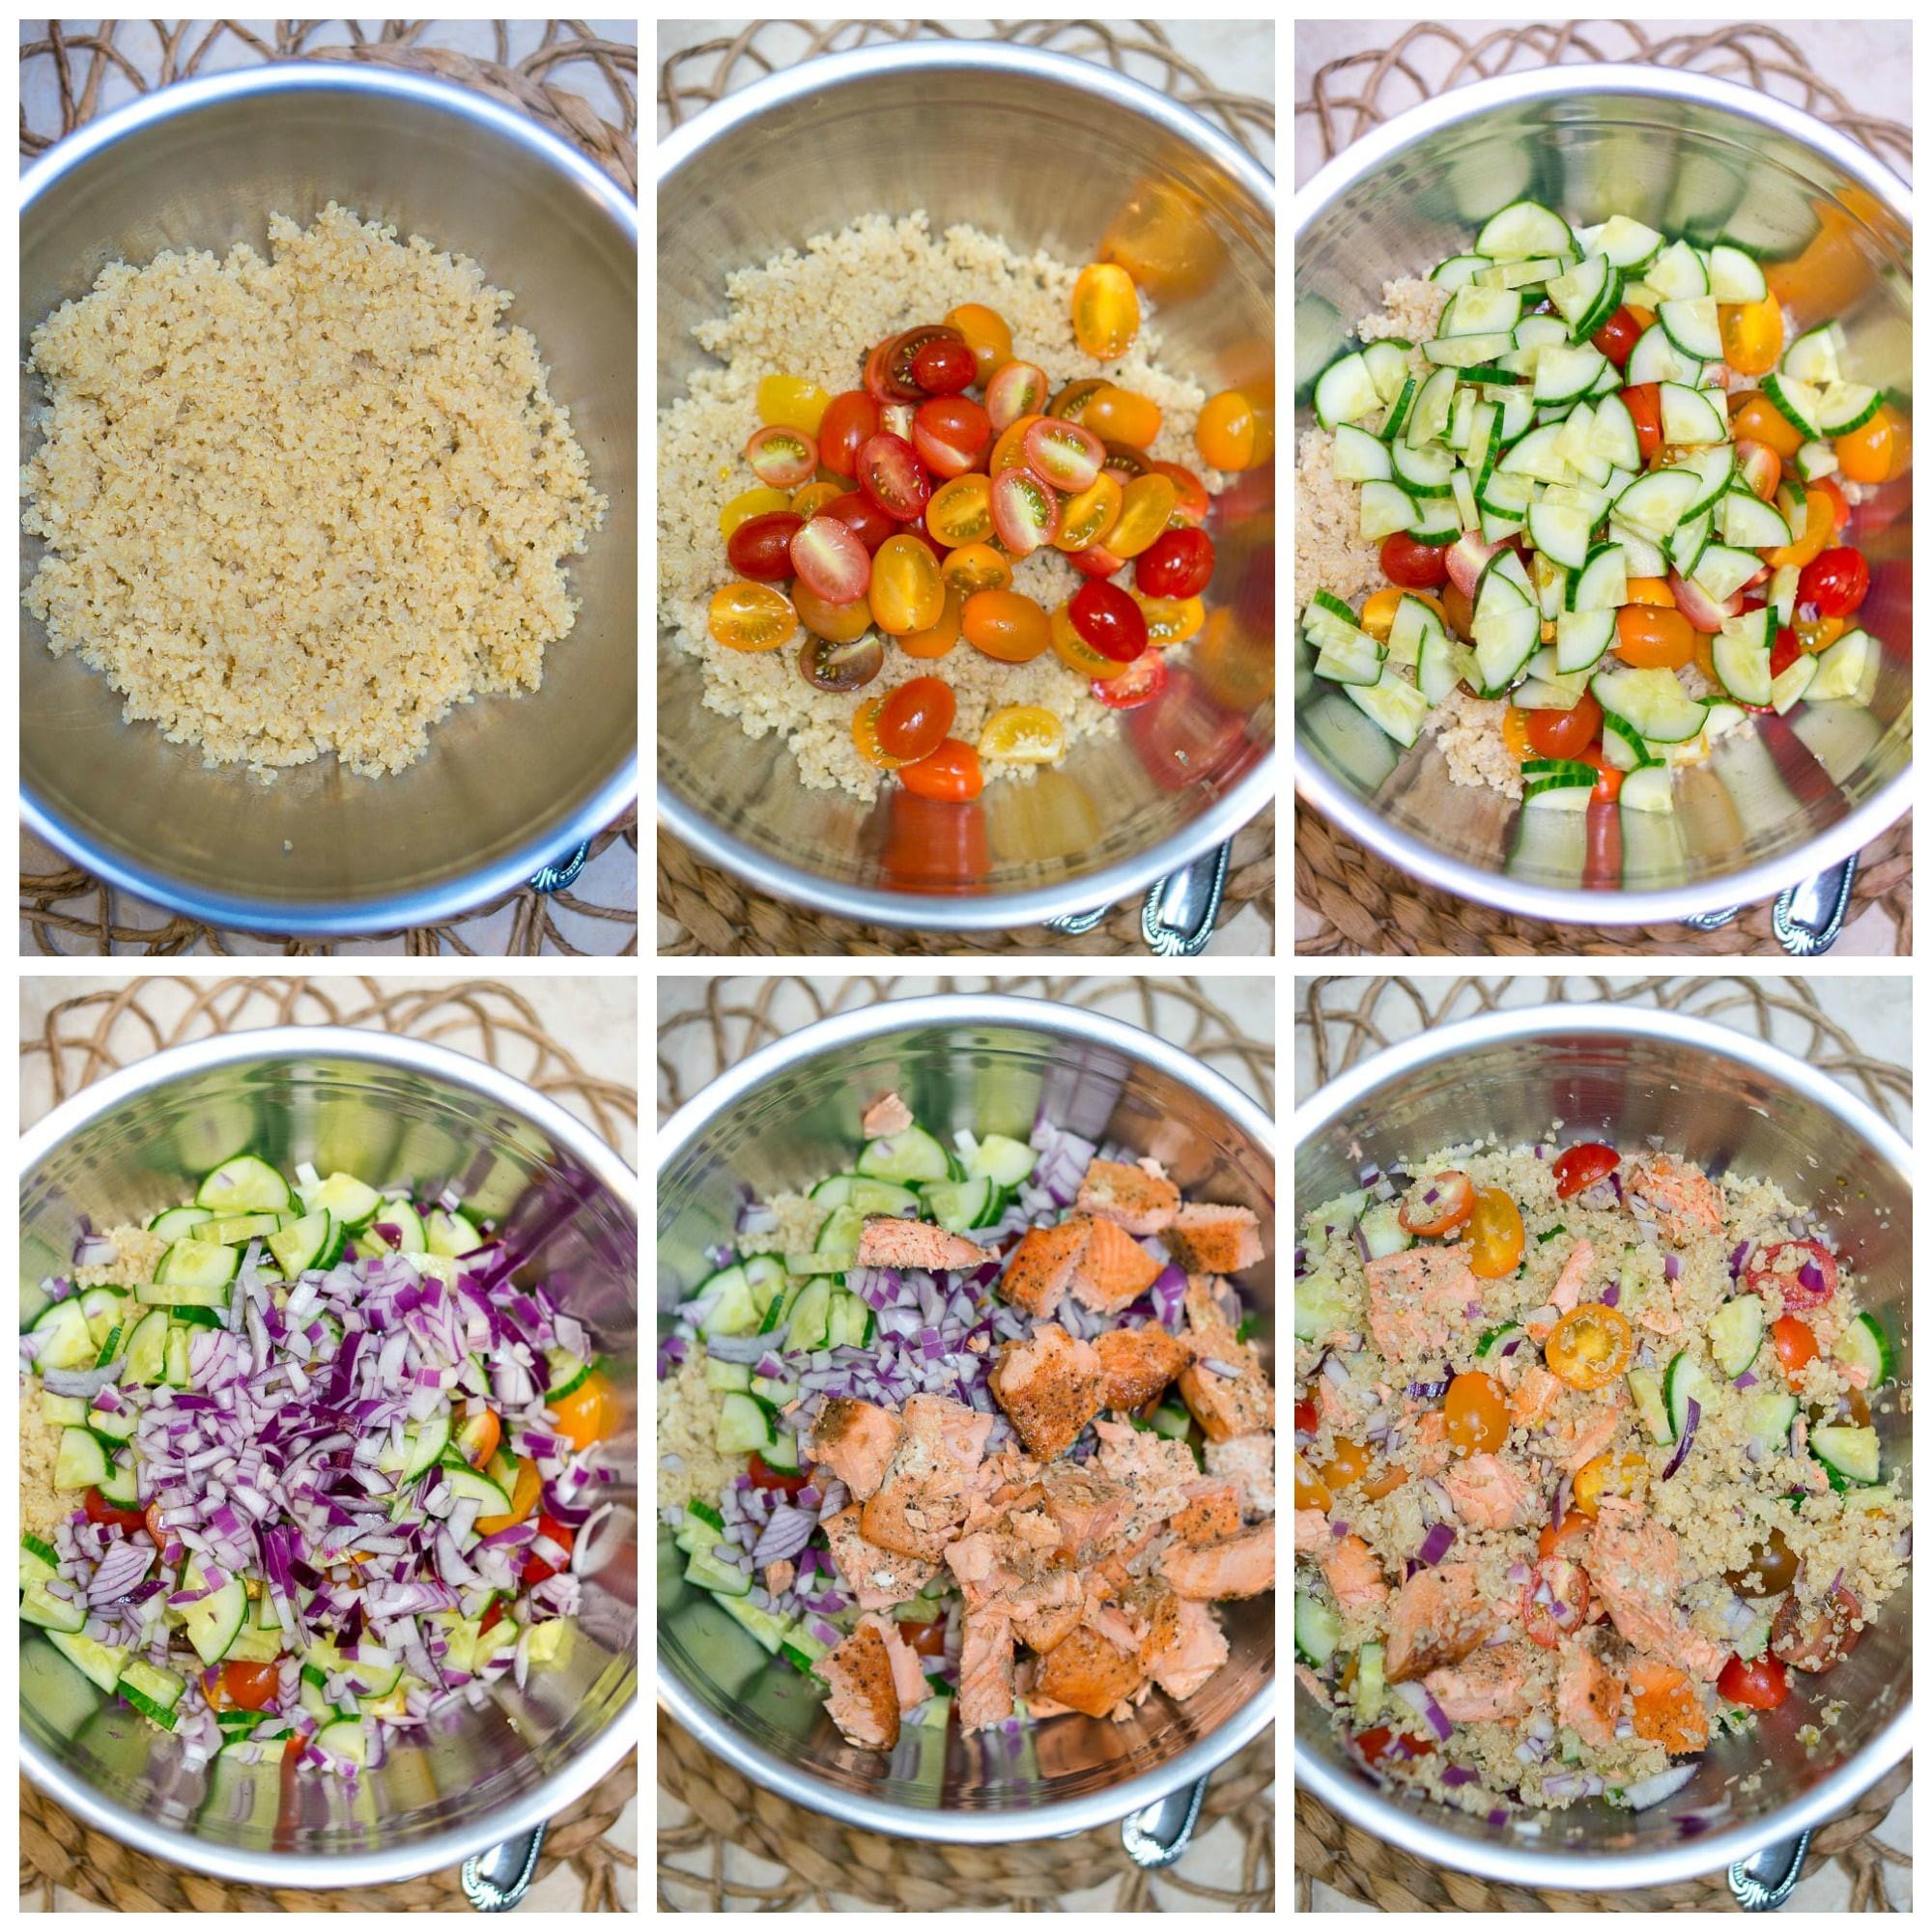 Quinoa Recipe Healthy  Quinoa Salad with Salmon